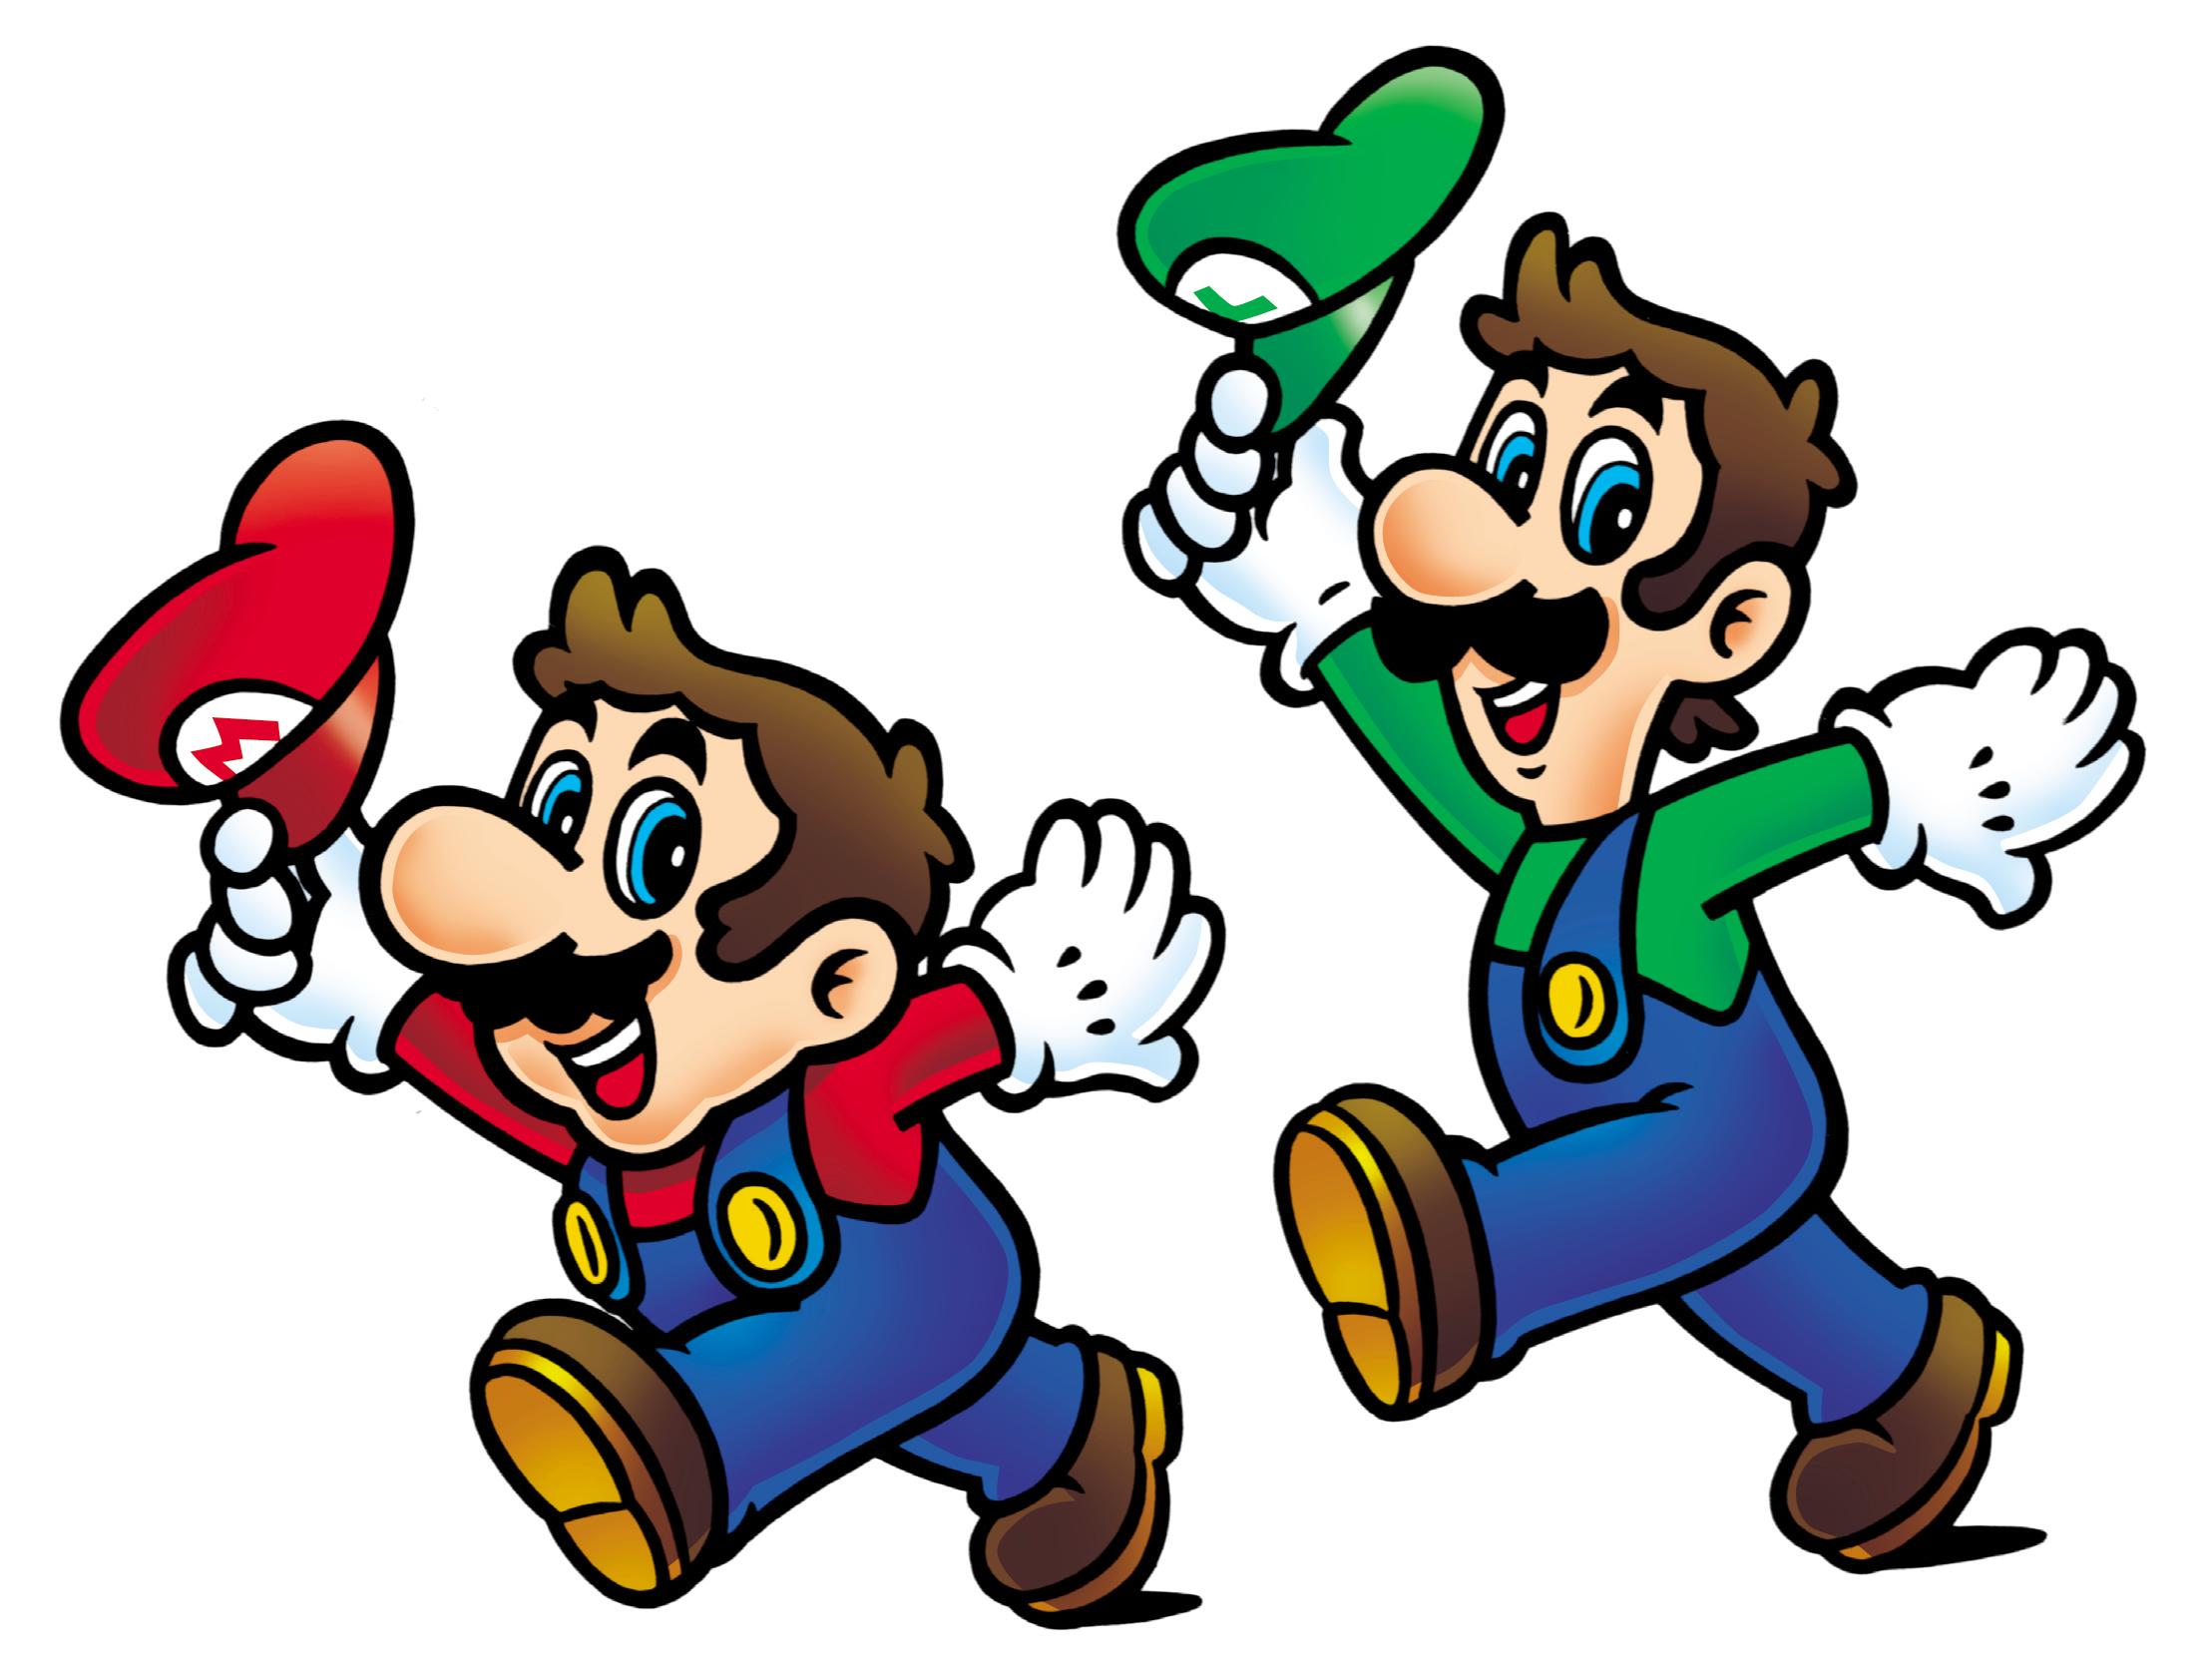 Mario And Luigi Super Mario Bros 2 Png 2216 1684 Mario And Luigi Super Mario Mario Bros